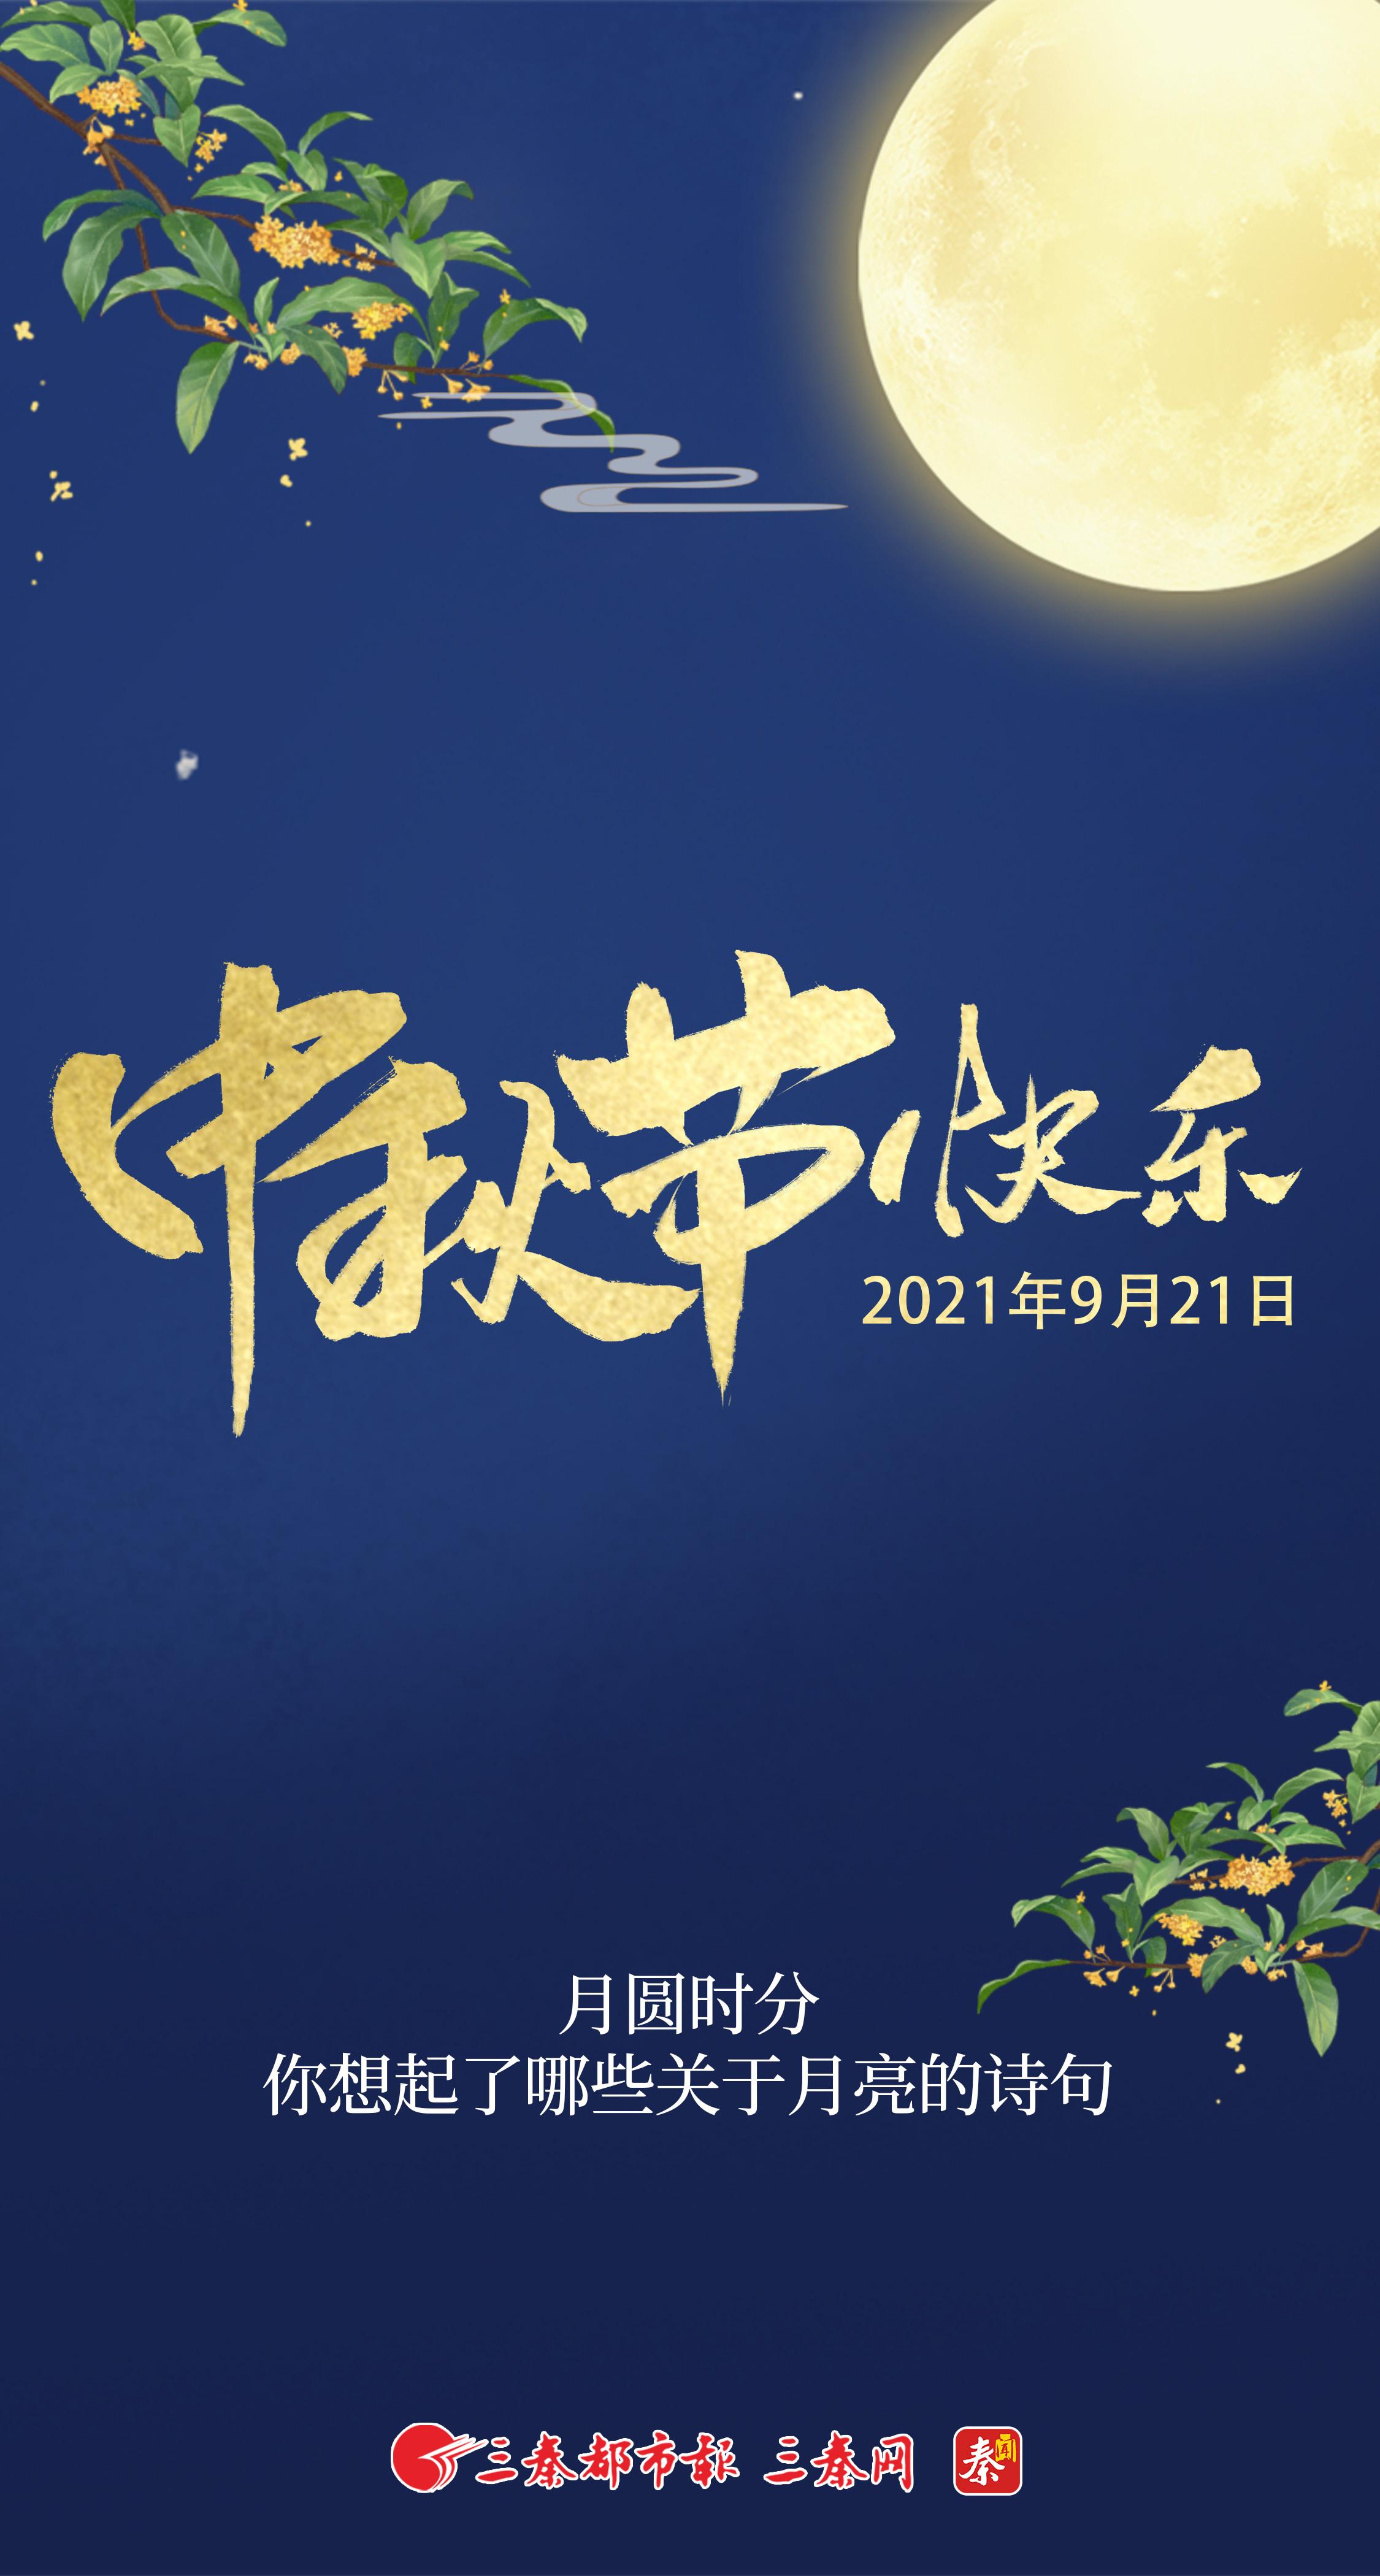 九宫格 中秋节快乐